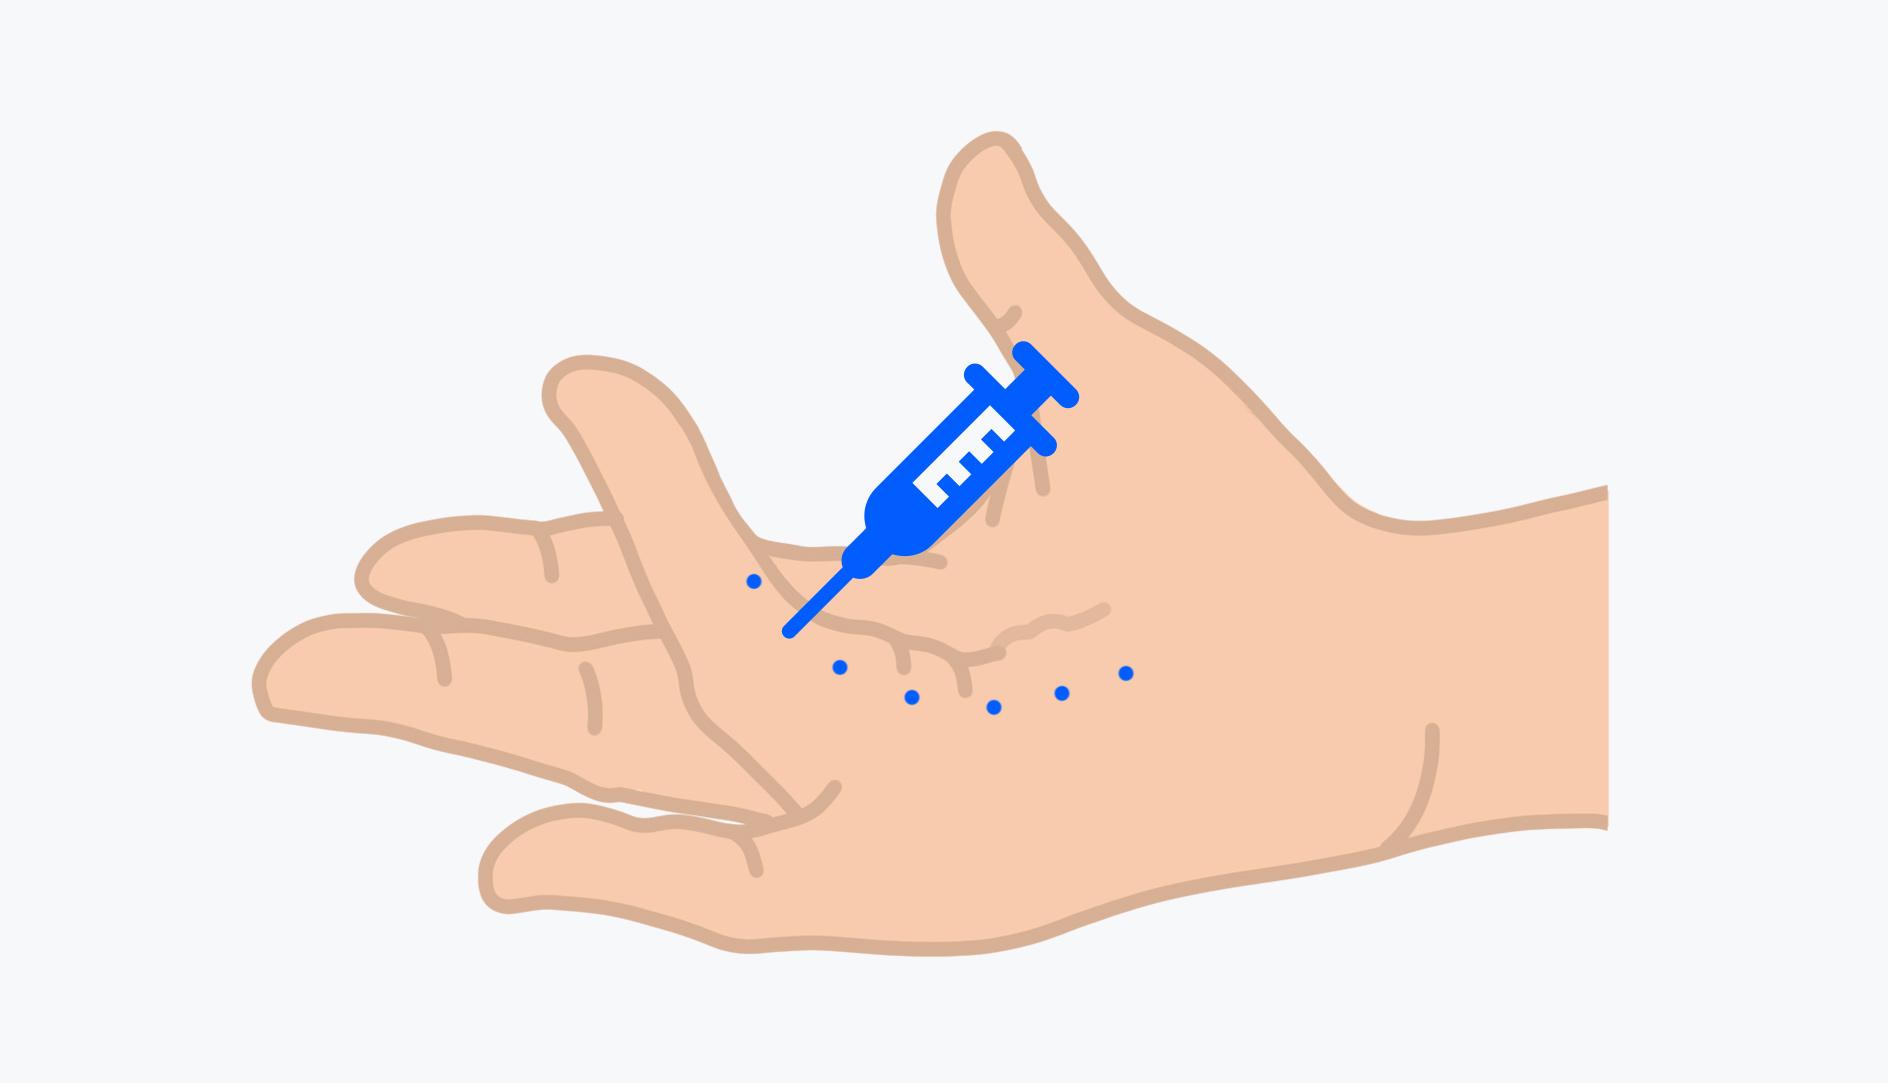 Bei der Nadelfasziotomie wird der Kollagenstrang mit Nadelstichen geschwächt